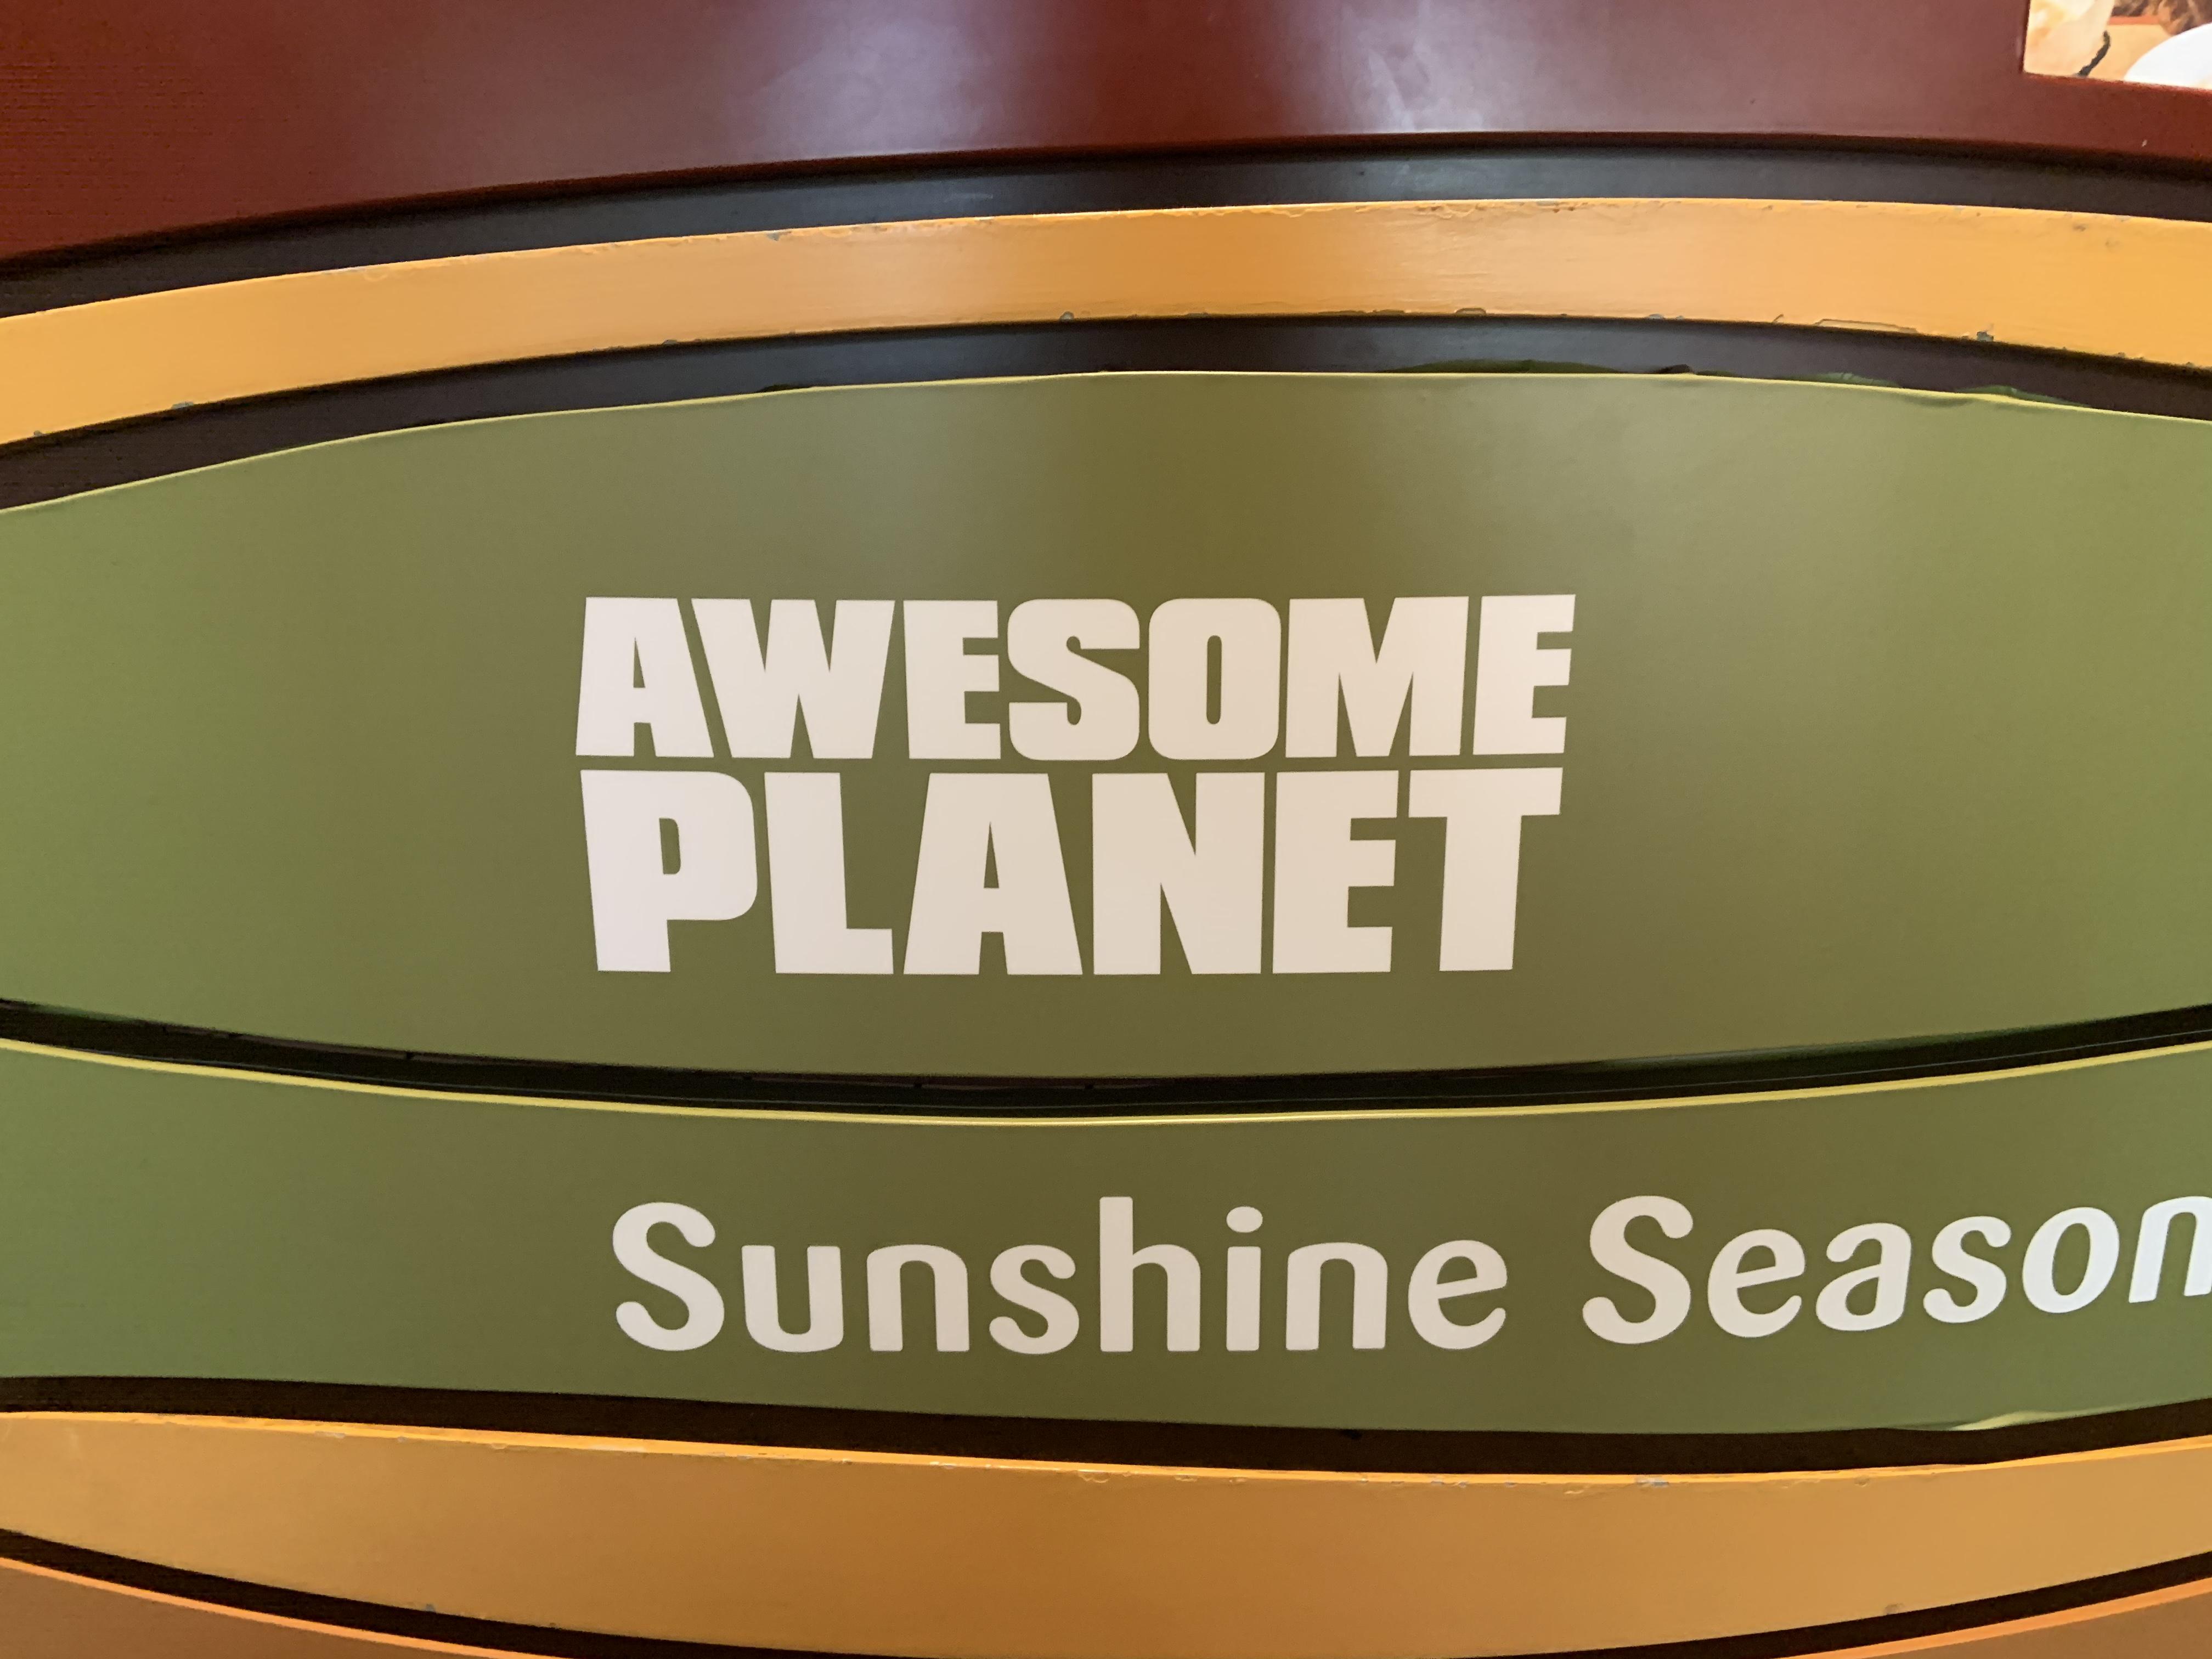 Awesome Planet signage 1/12/20 3